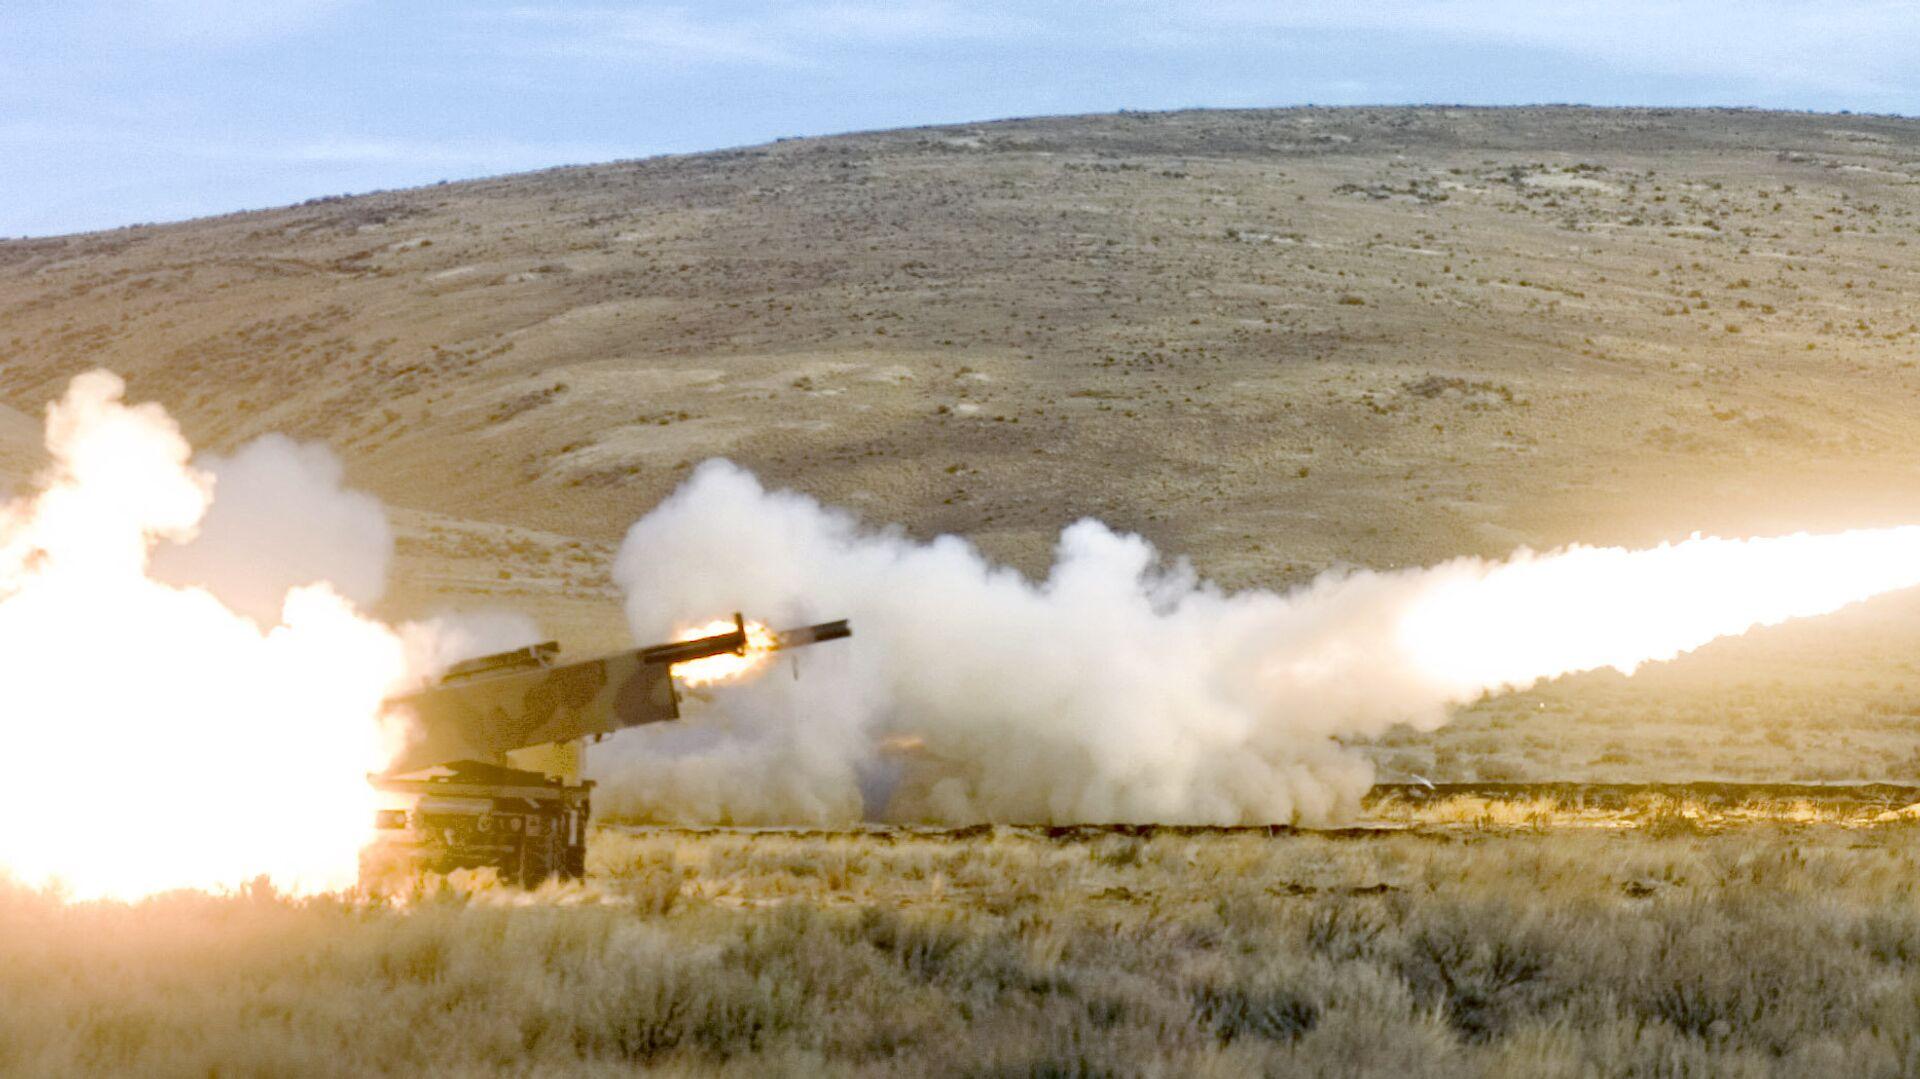 Американская высокомобильная ракетно-артиллерийская система оперативно-тактического назначения HIMARS - РИА Новости, 1920, 25.11.2020